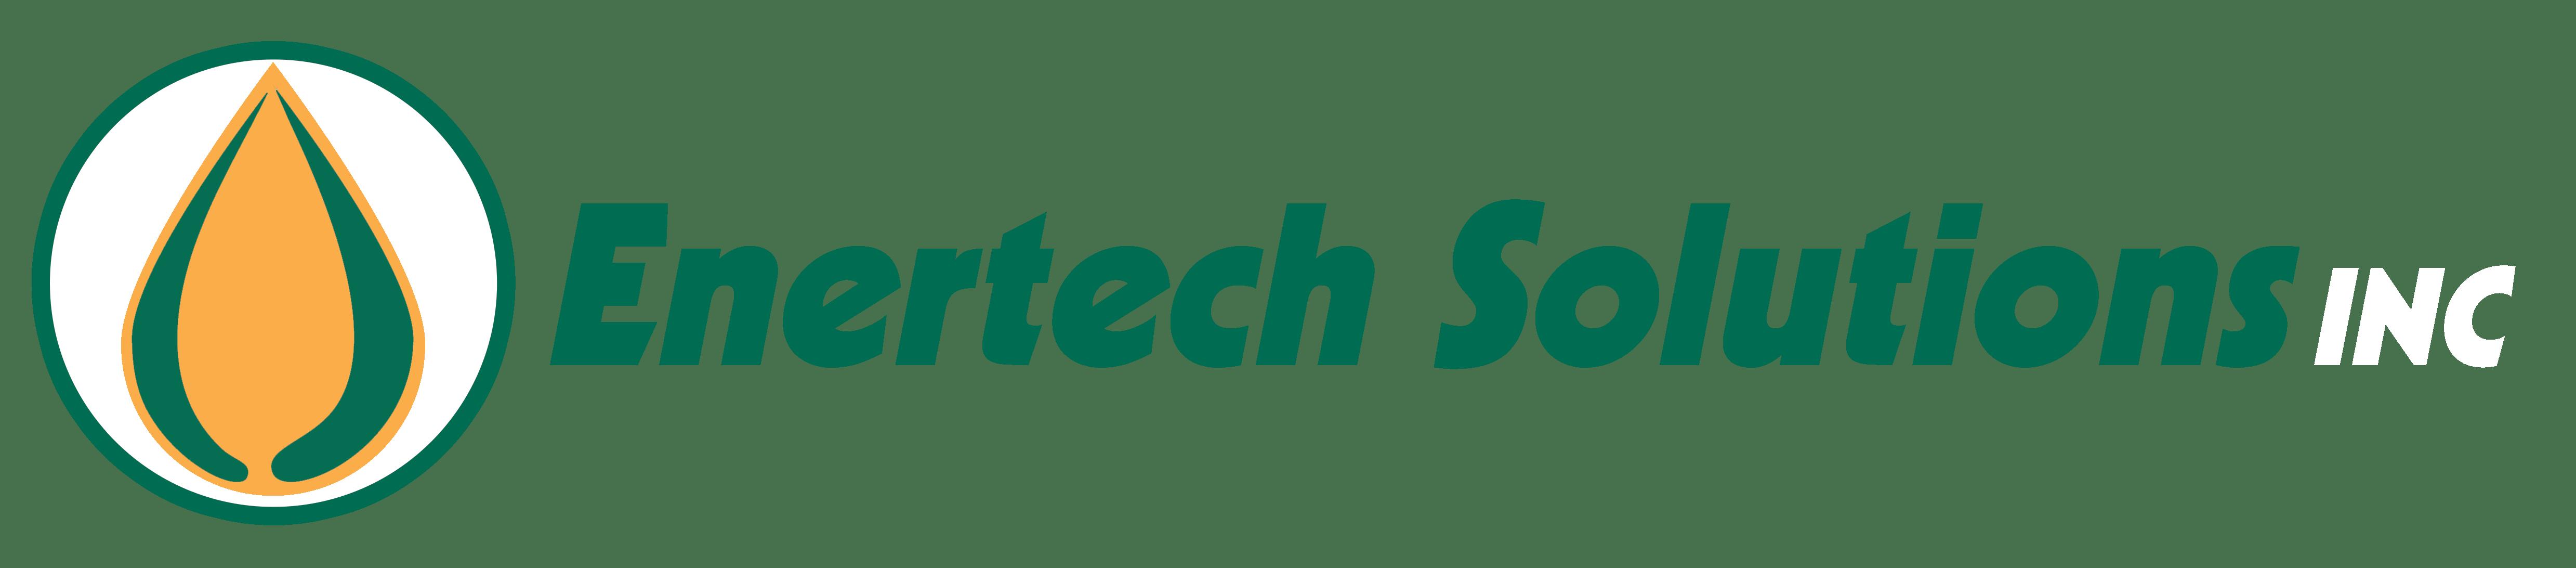 Enertech Solutions